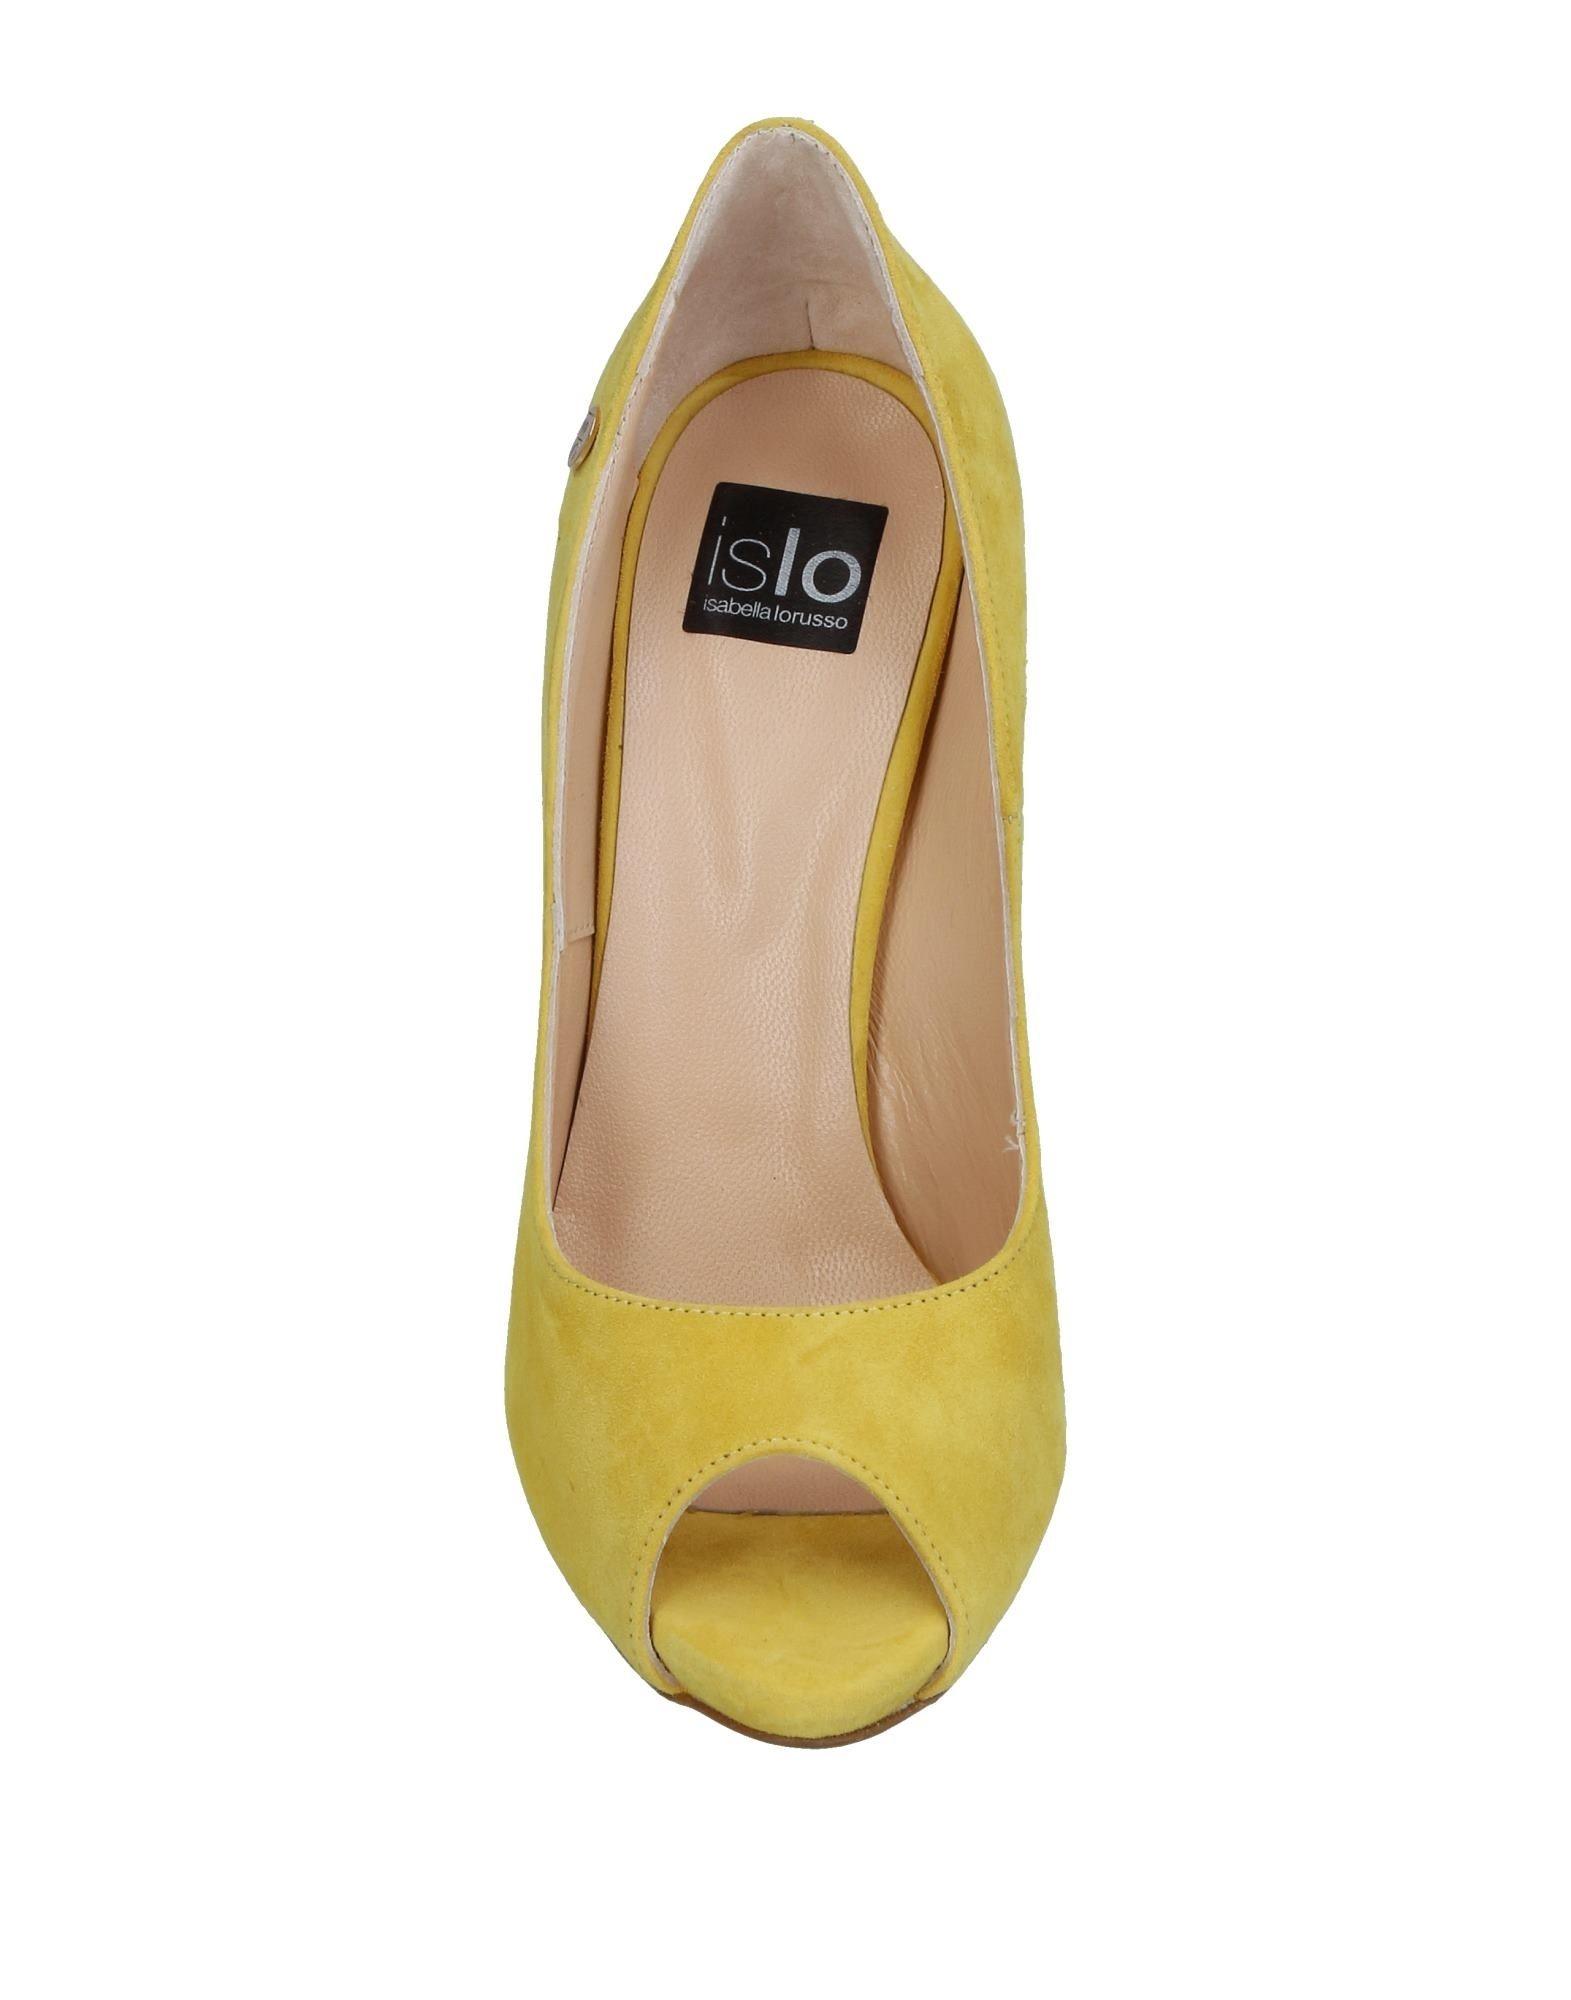 Islo Isabella Lorusso Pumps Damen Damen Damen  11375019EC Gute Qualität beliebte Schuhe 425f03